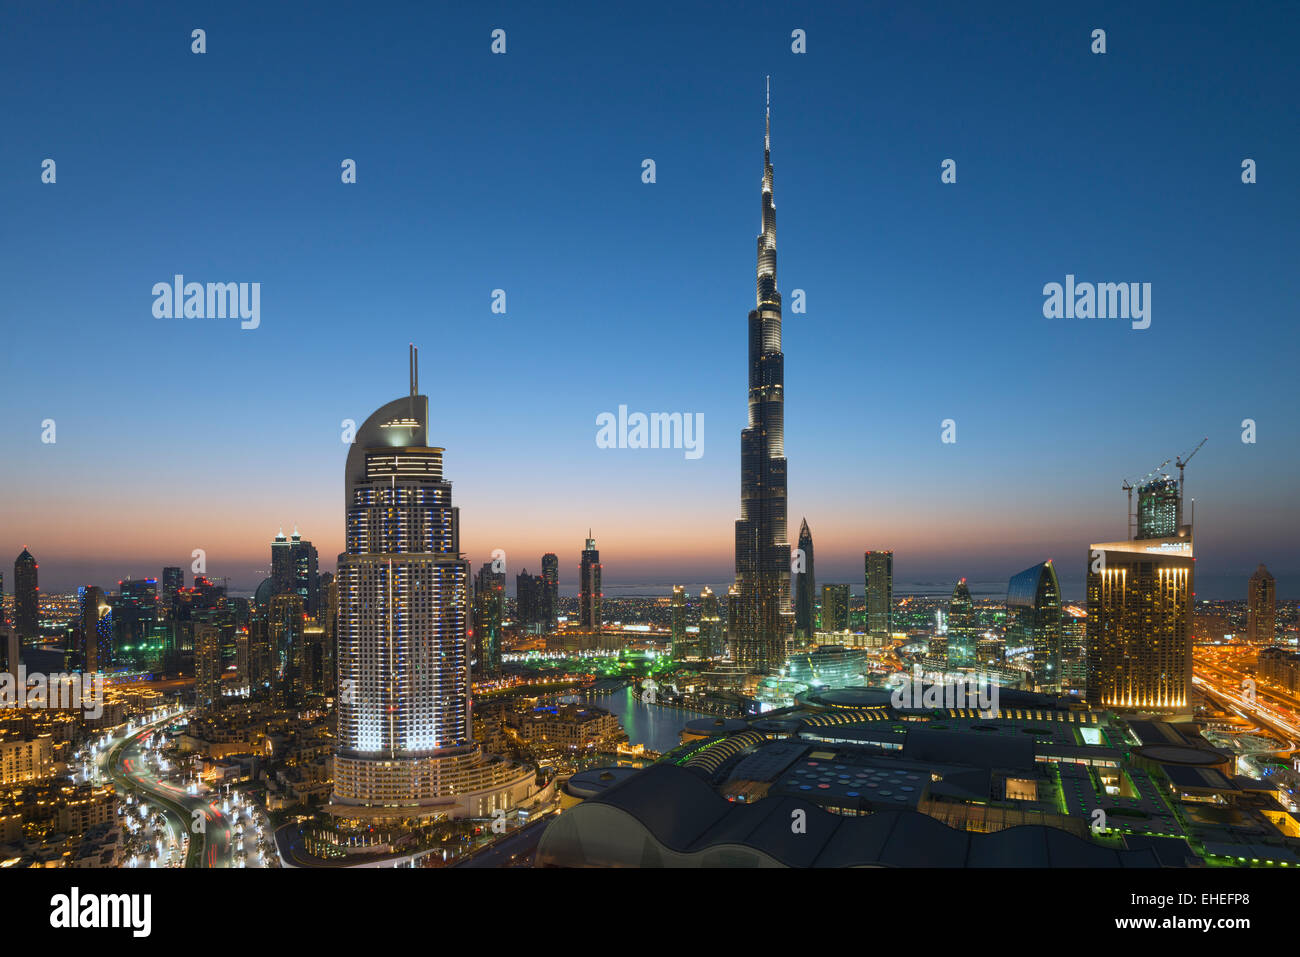 Burj Khalifa, Dubai Mall und der Skyline von Downtown Dubai bei Nacht in Vereinigte Arabische Emirate Stockbild